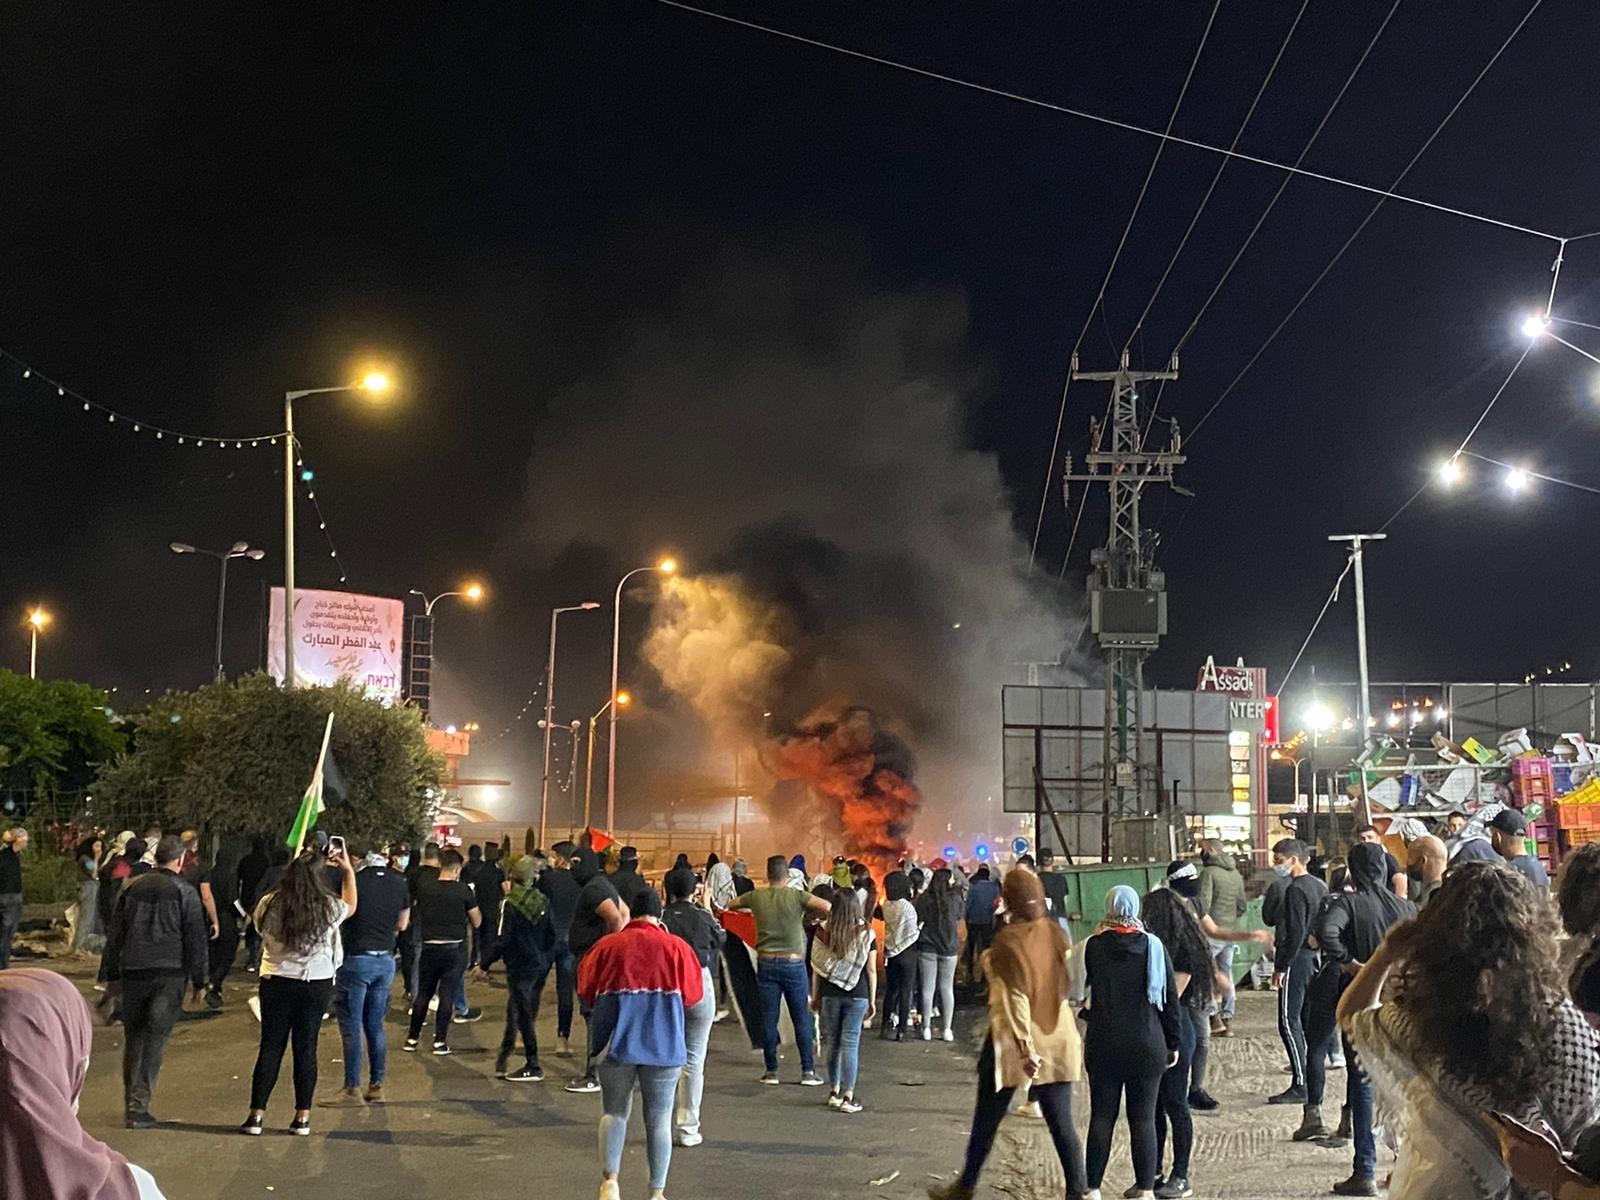 تابعوا الأخبار من مختلف البلدات: مظاهرات حاشدة، اليكم الملخص والصور-8